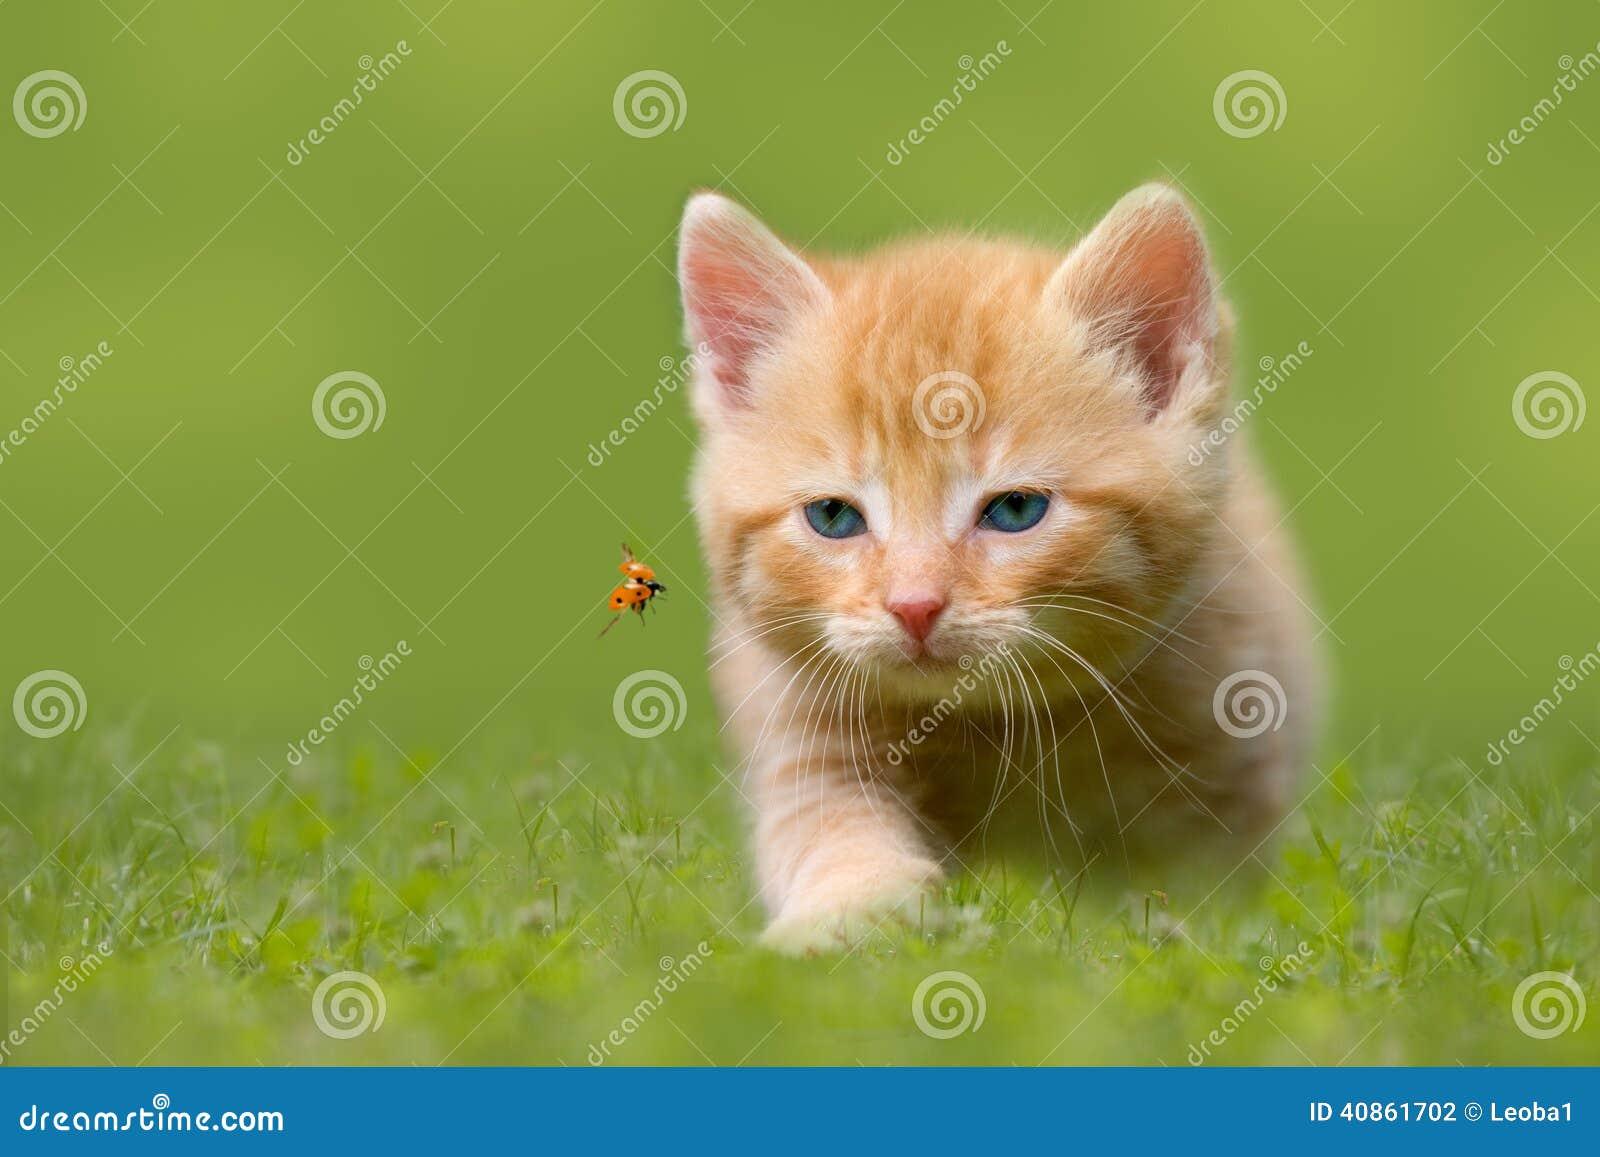 Gato joven con la mariquita en un campo verde